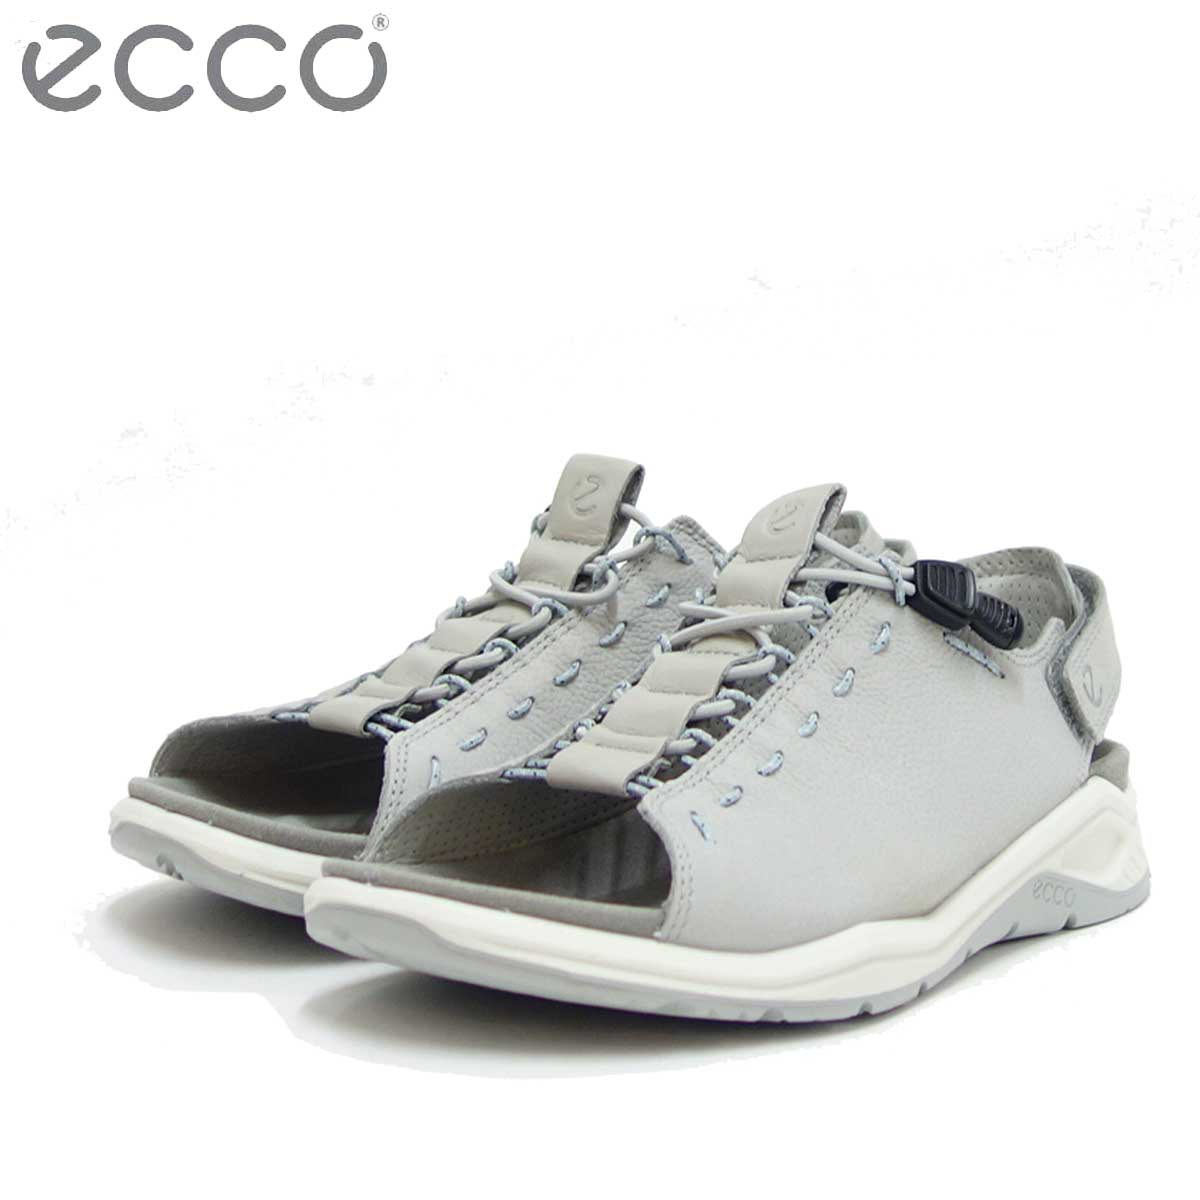 ECCO エコー 880683 X-TRINSIC グレー 快適な履き心地のバックストラップサンダル(レディース) 「靴」